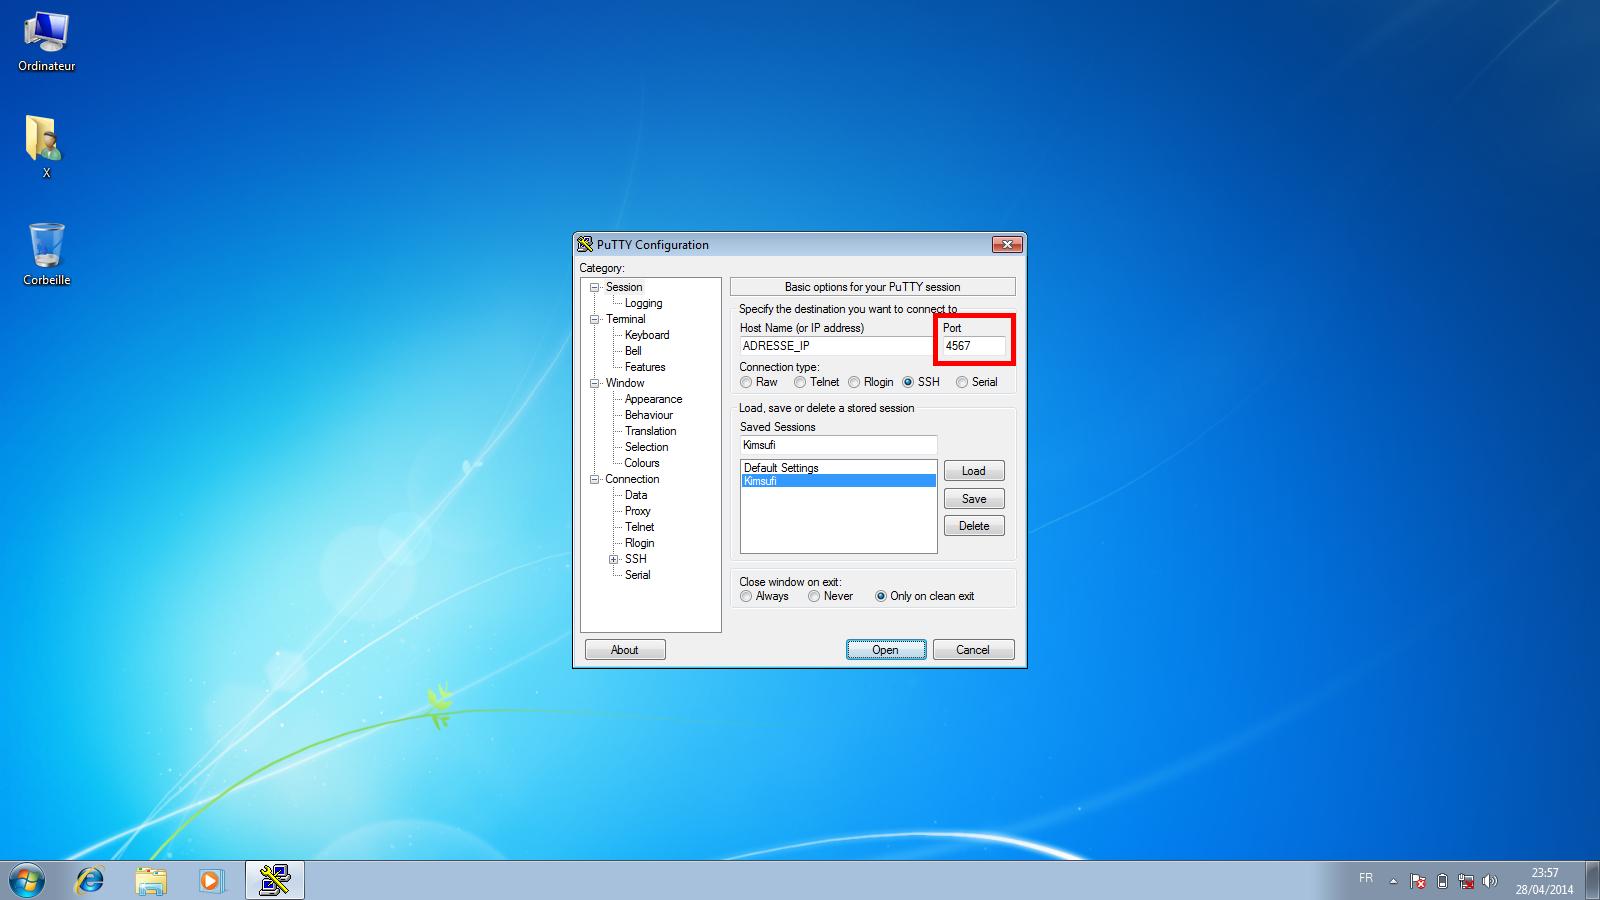 Sécurisation minimale d'un serveur dédié Kimsufi sous Ubuntu Server 14.04 LTS - Modification du port SSH dans PuTTY